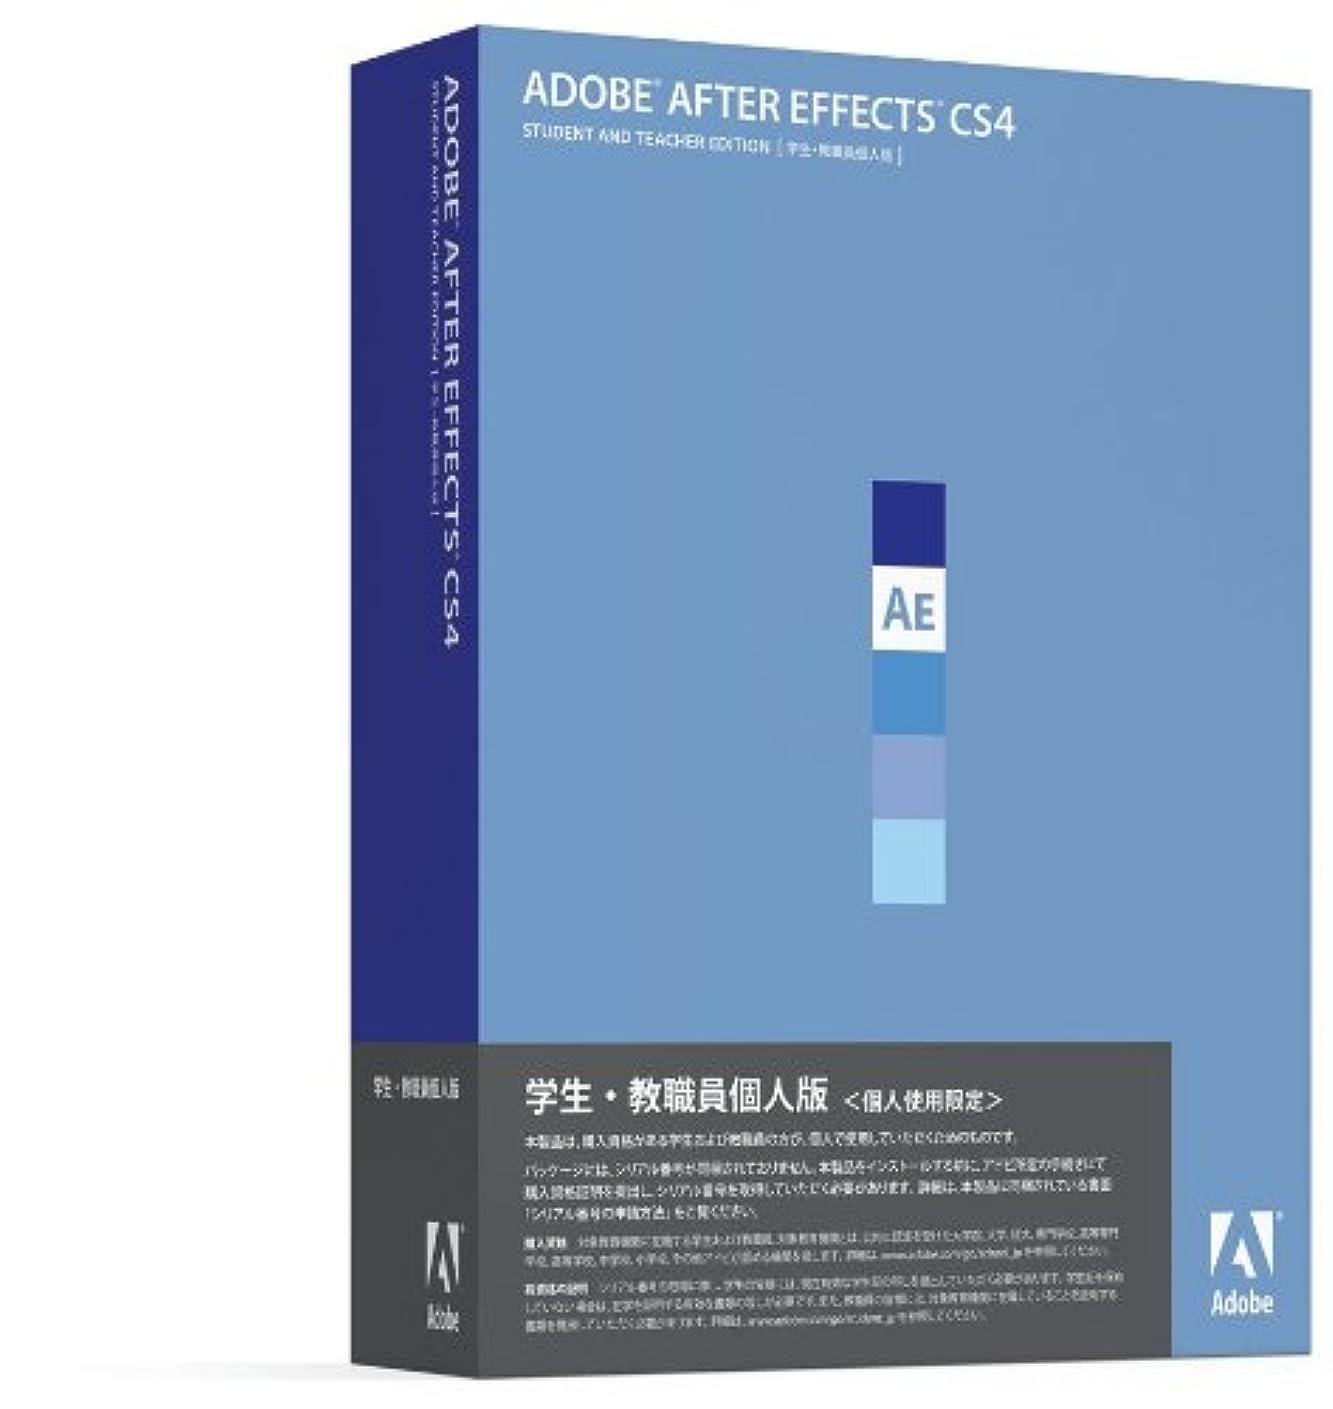 生き物噴火誠実さ学生?教職員個人版 Adobe After Effects CS4 (V9.0) 日本語版 Professional Windows版 (要シリアル番号申請)